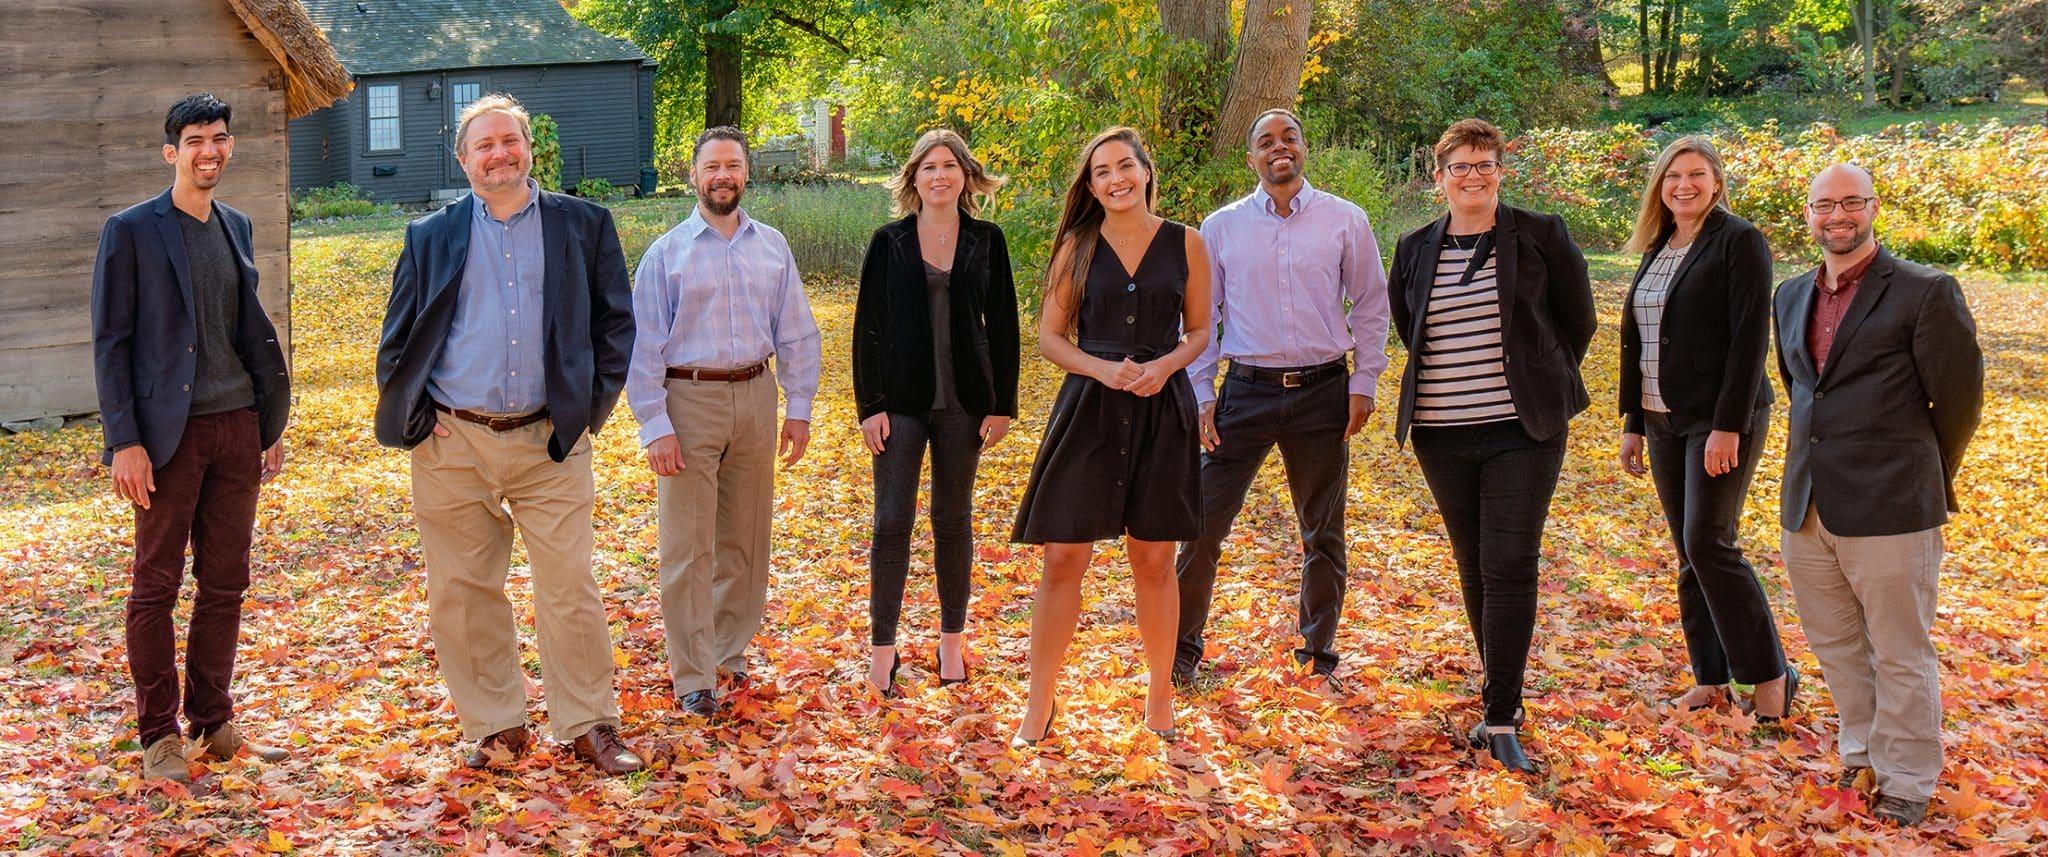 Team Photo Cummings Architecture Interiors